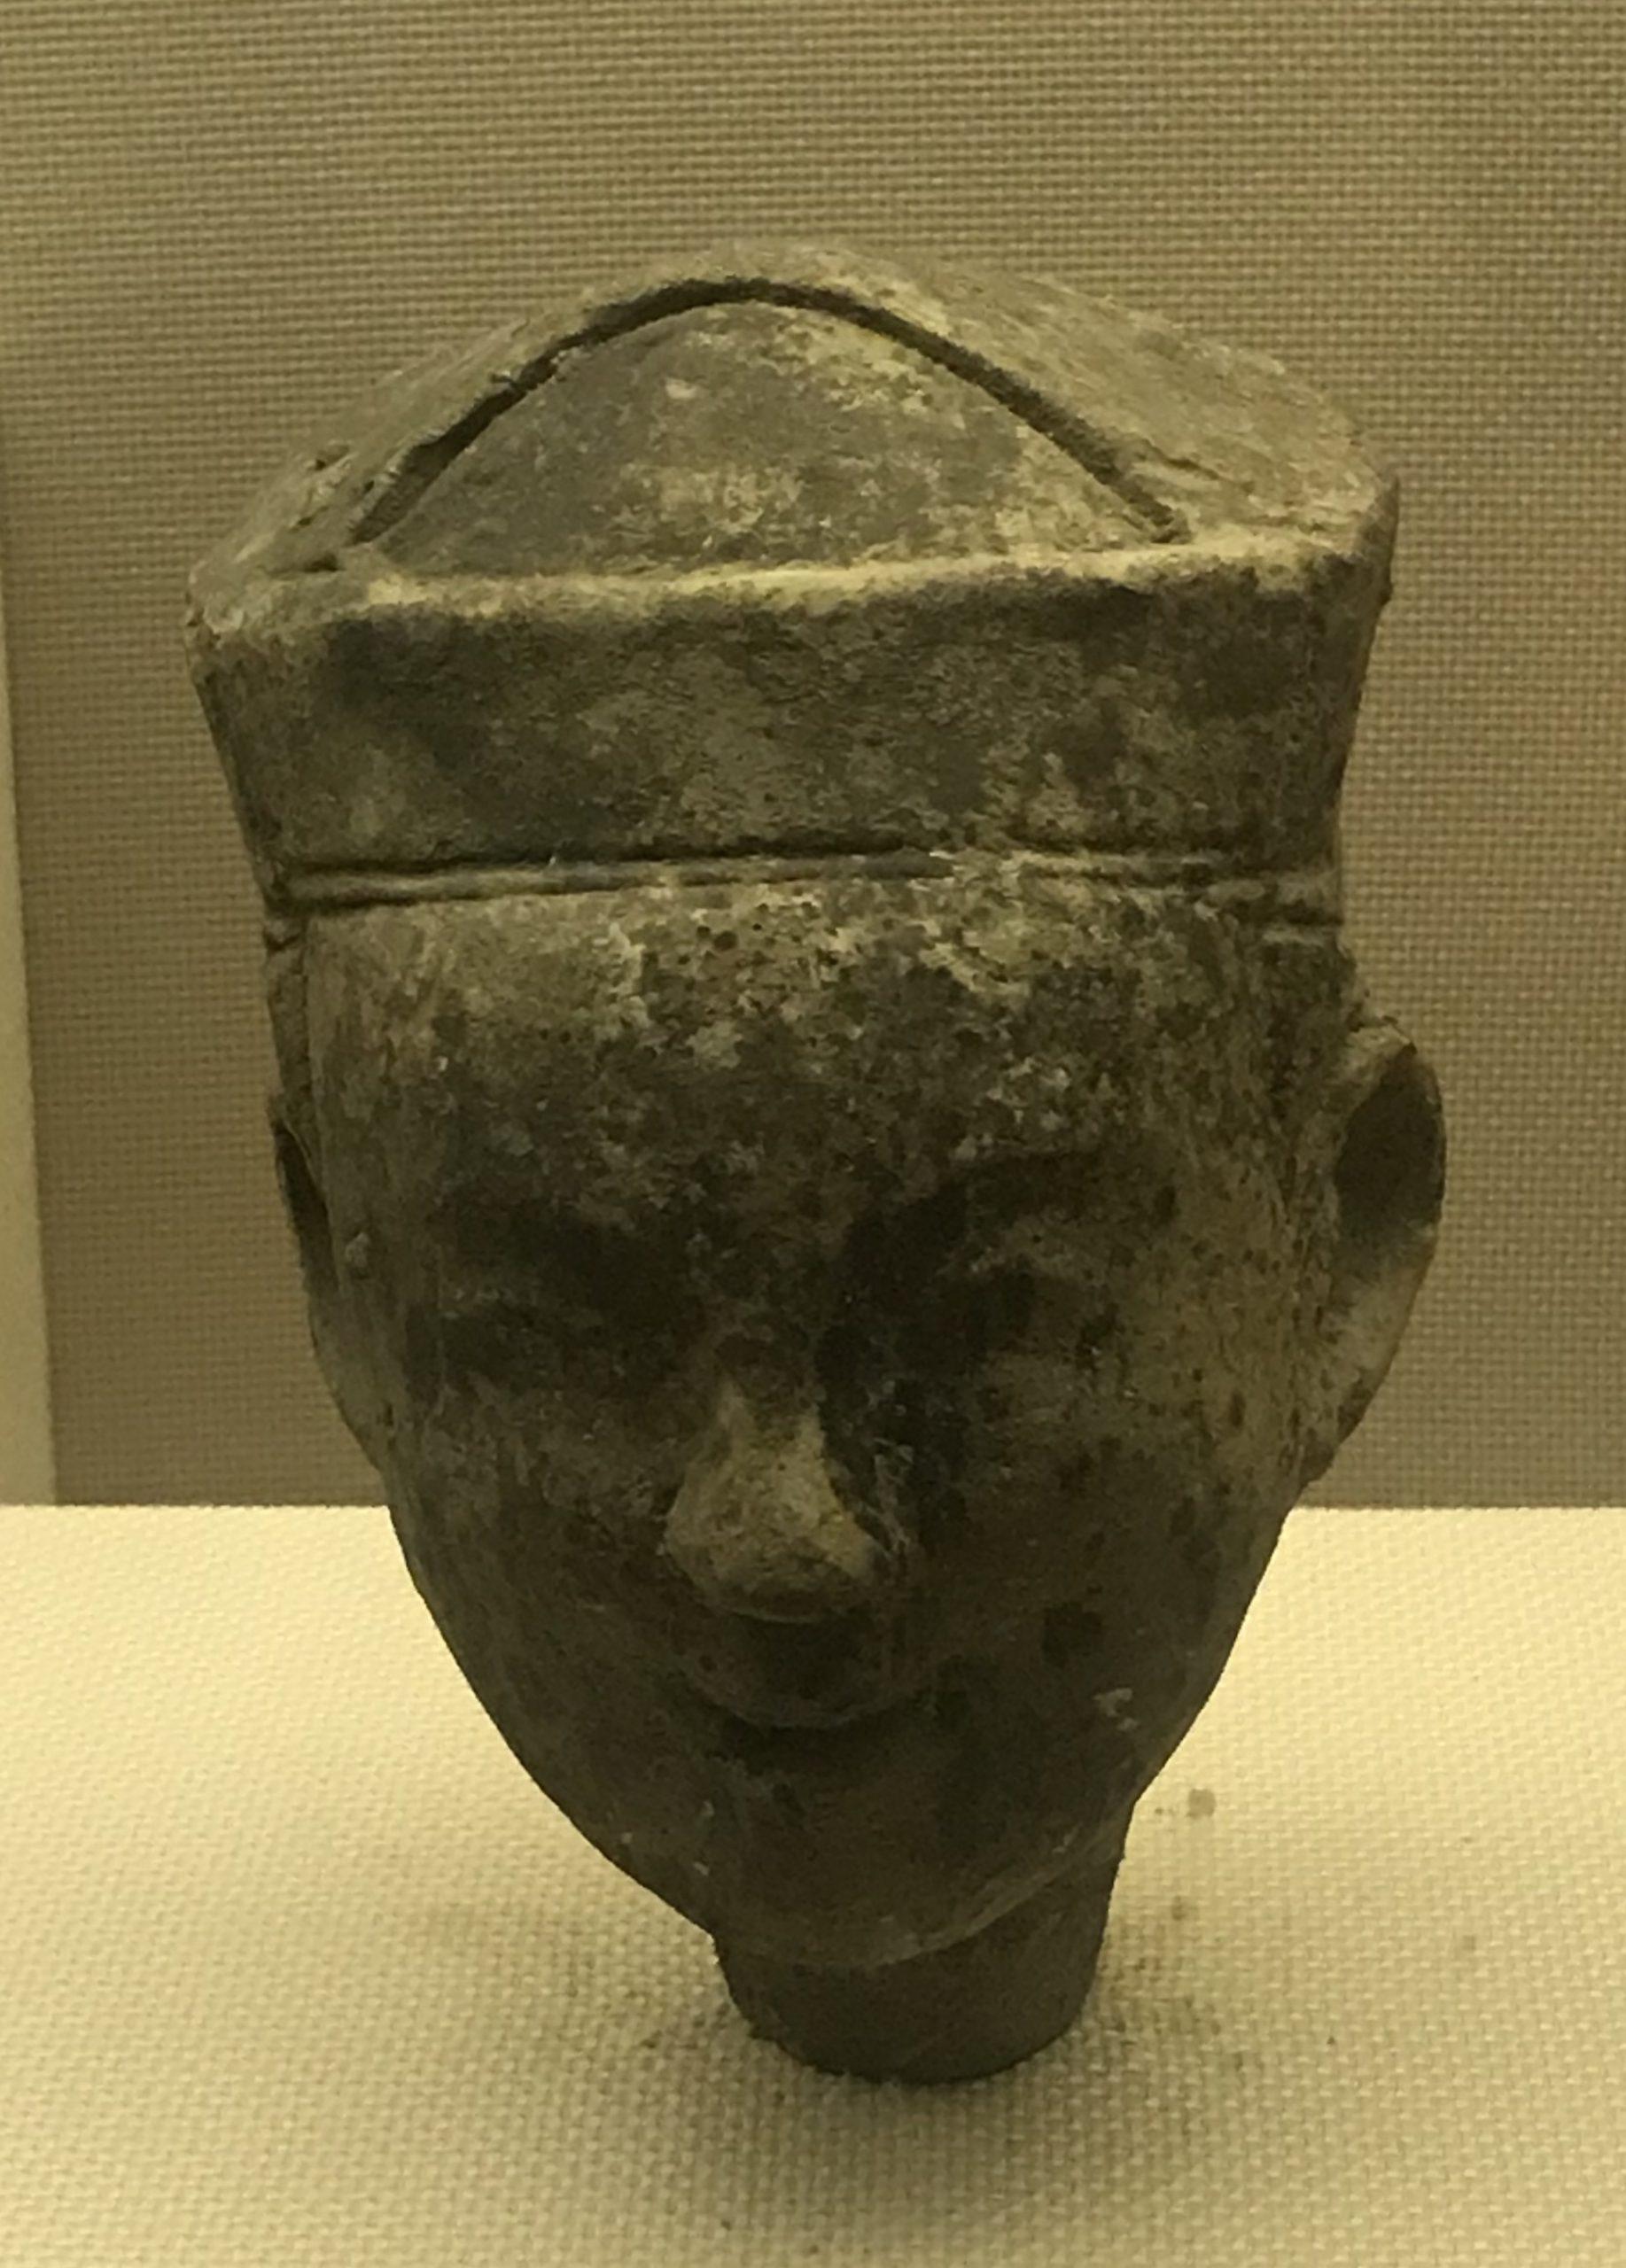 陶俑頭8-東漢-四川漢代陶石芸術館-四川博物院-成都